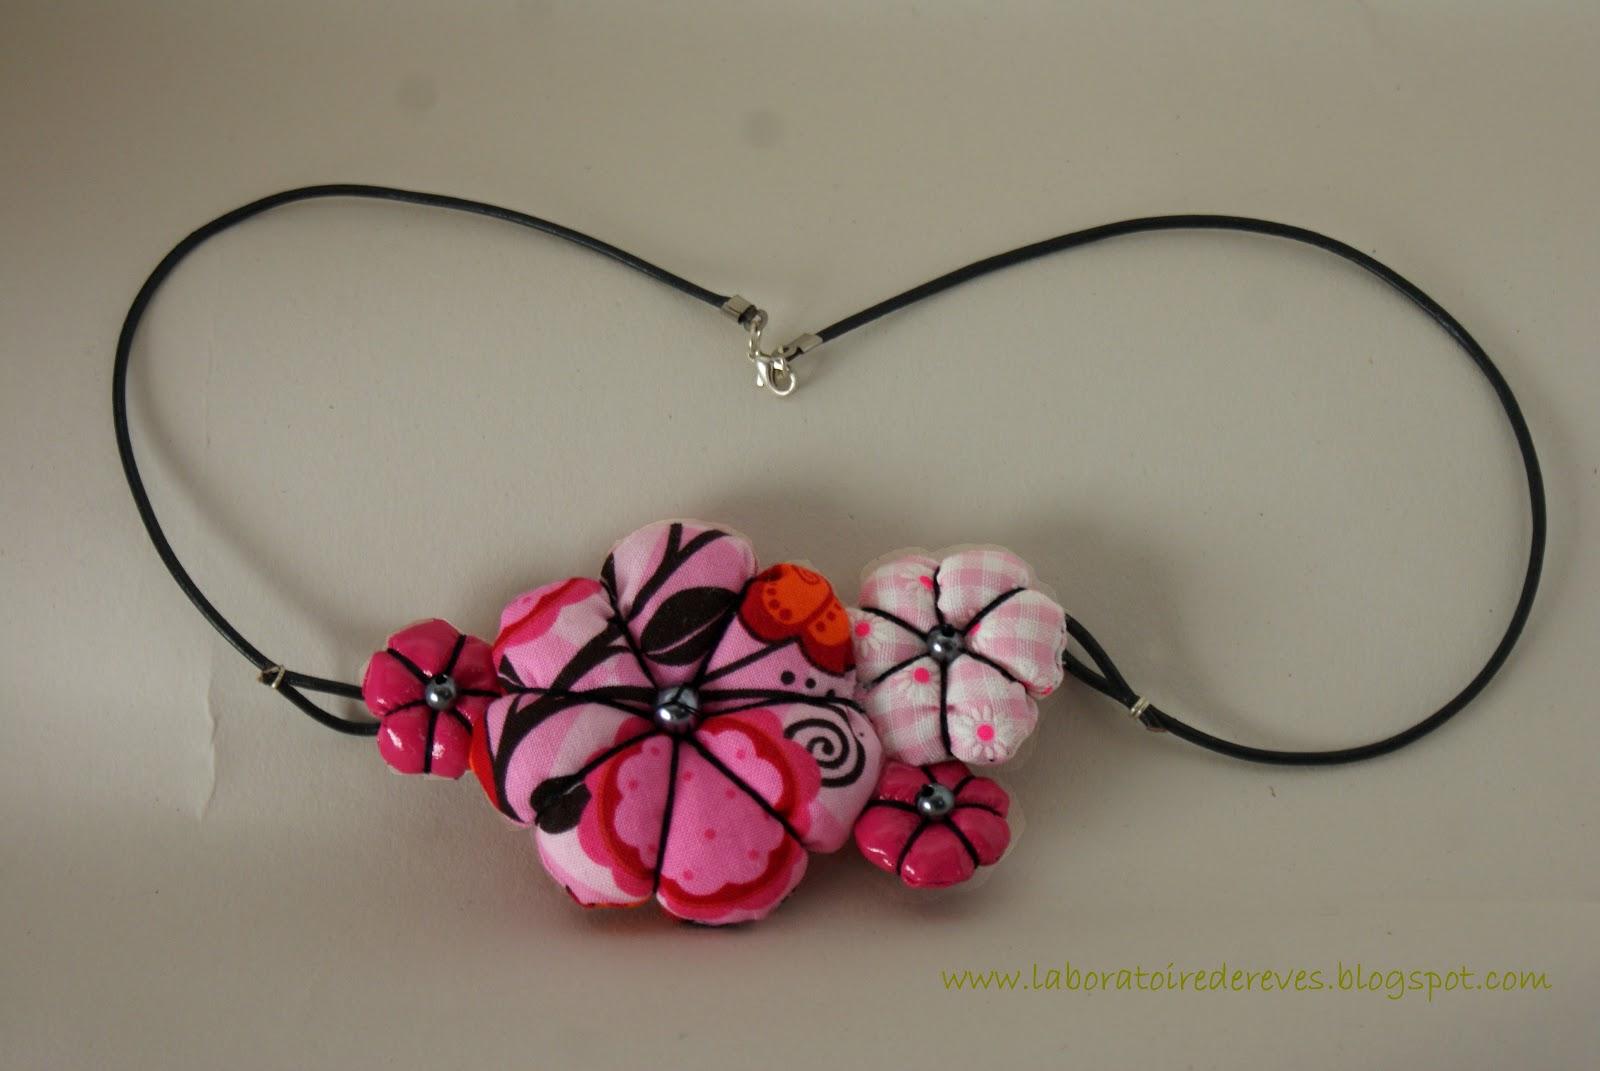 Assorti à mon bijoux de cheveux en origami, voici un collier en tissu lui  aussi, fait de fleurs japonaises